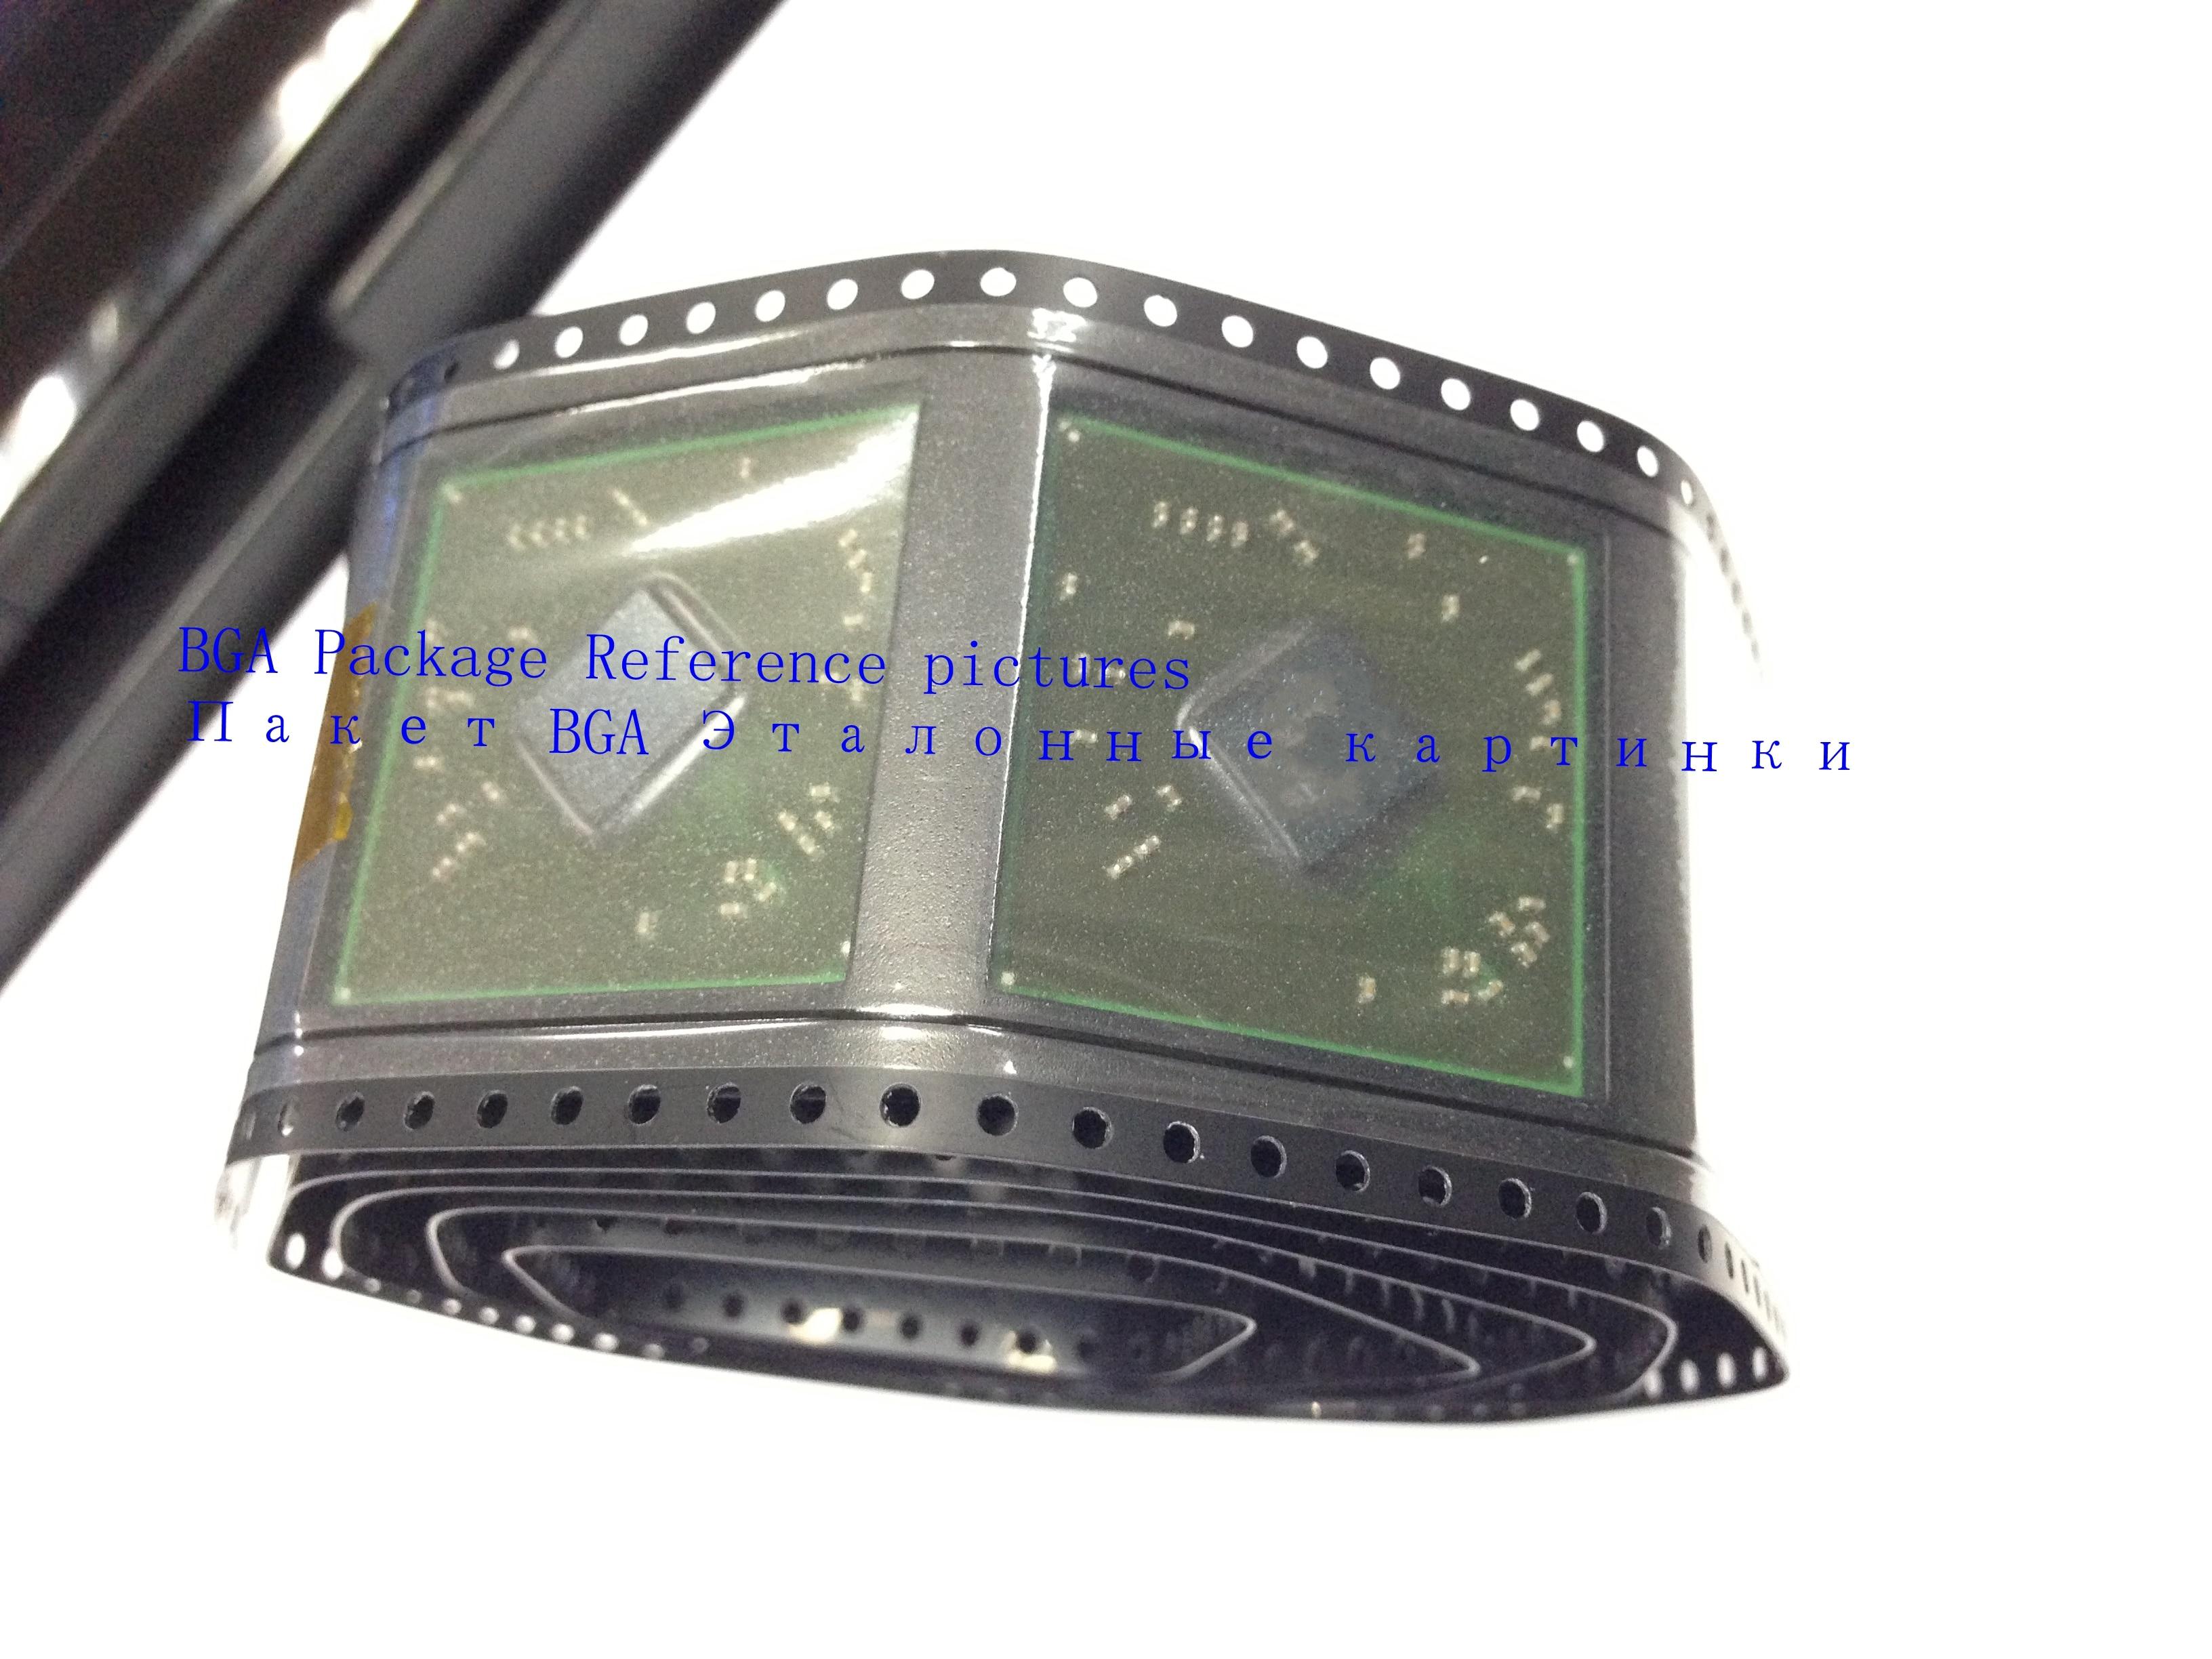 1 pcs/lot 100% Nouveau G84-602-A2 G84 602 A2 BGA Chipset colle 64bit 128 mo1 pcs/lot 100% Nouveau G84-602-A2 G84 602 A2 BGA Chipset colle 64bit 128 mo